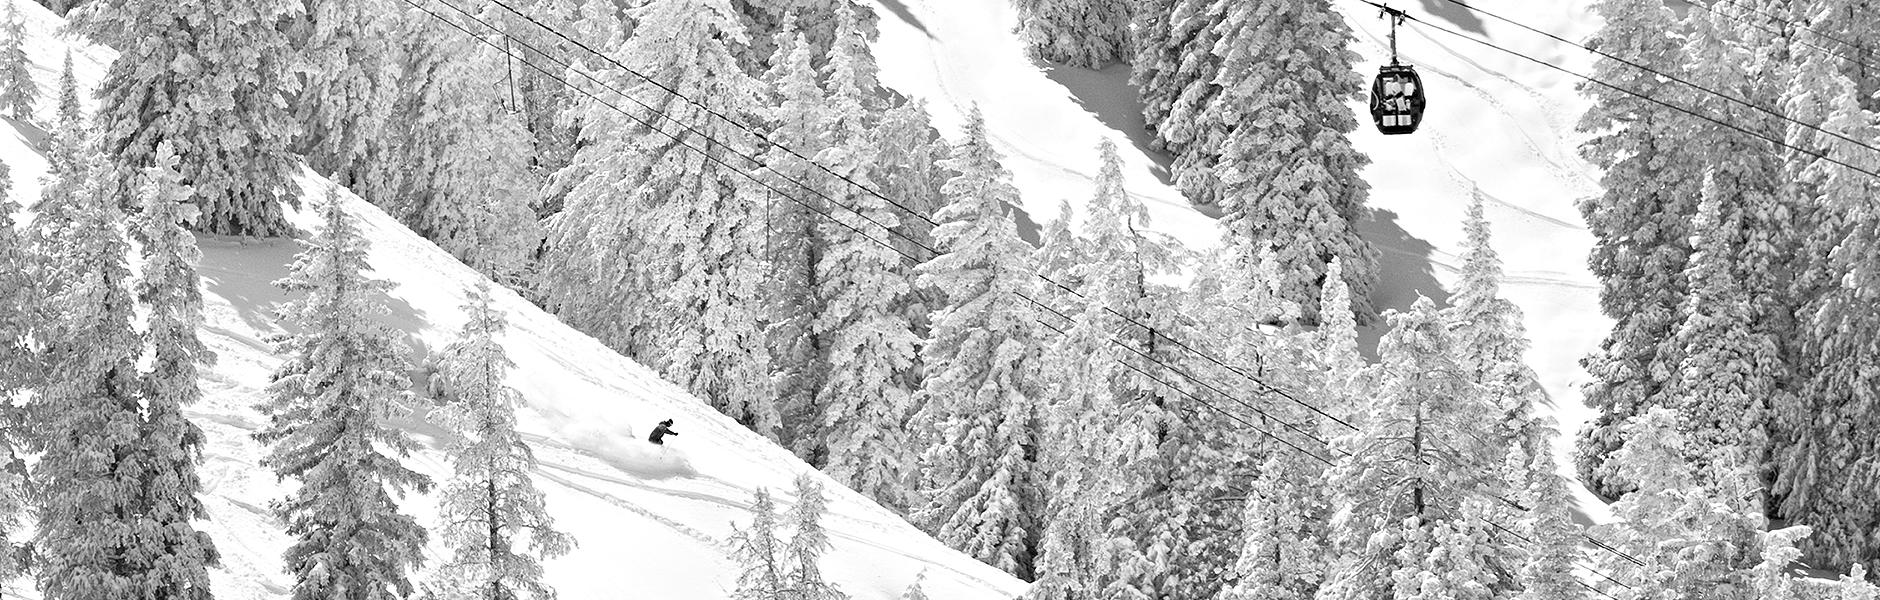 bell mountain fresh tracks